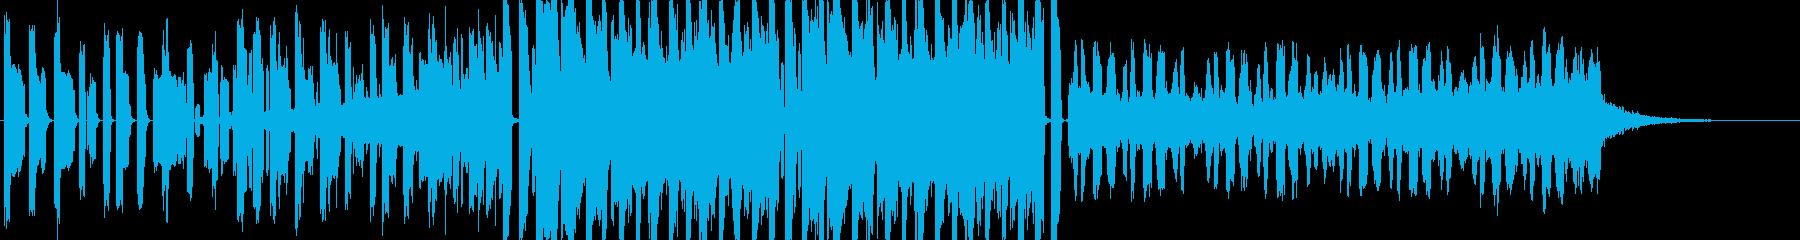 CM,エンディング用エレクトロの再生済みの波形